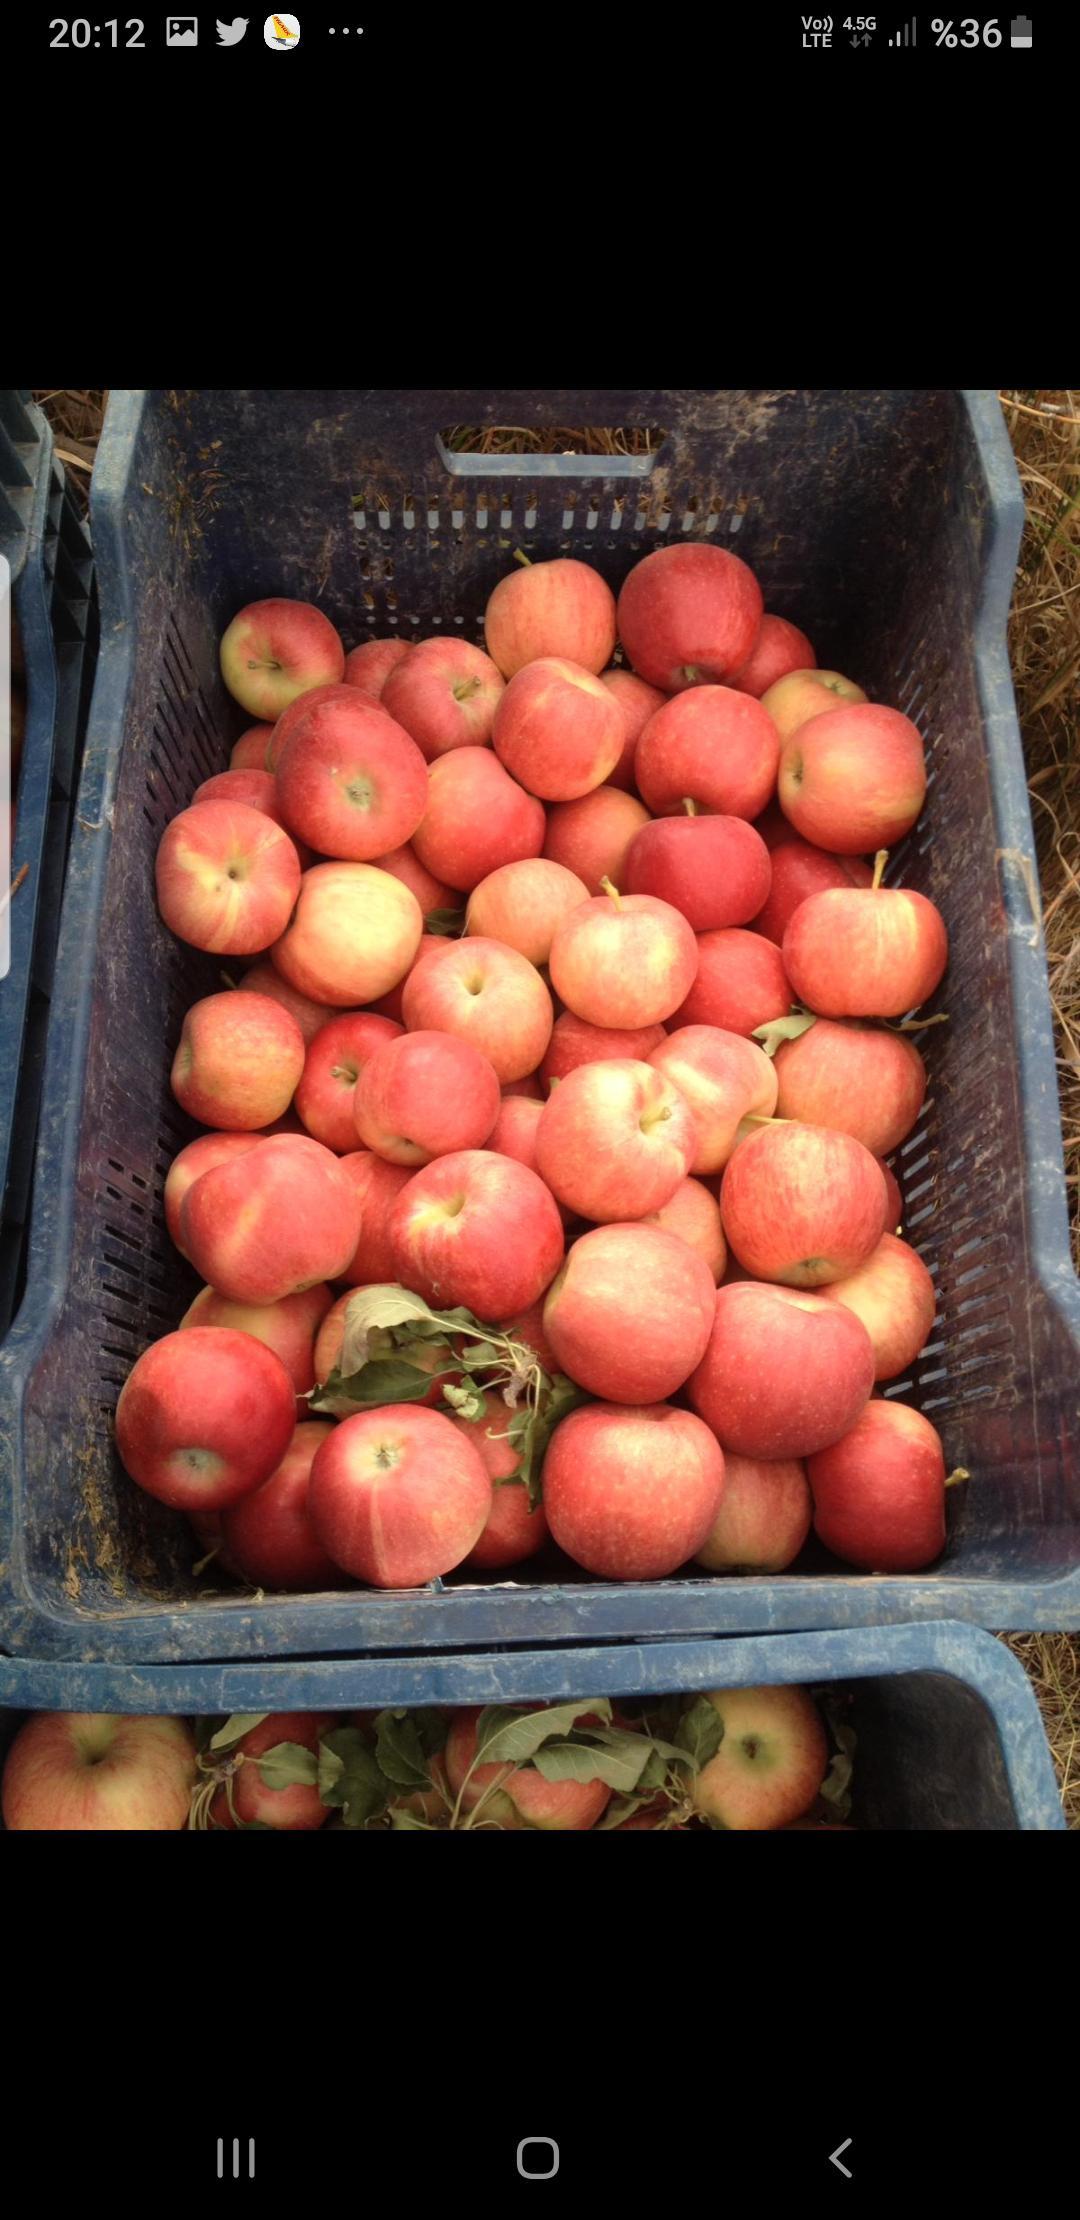 Elma - Üretici Mehmet Tarınç 2.3 tl fiyat ile 50.000 kilogram mondial gala çeşidi elma satmak istiyor